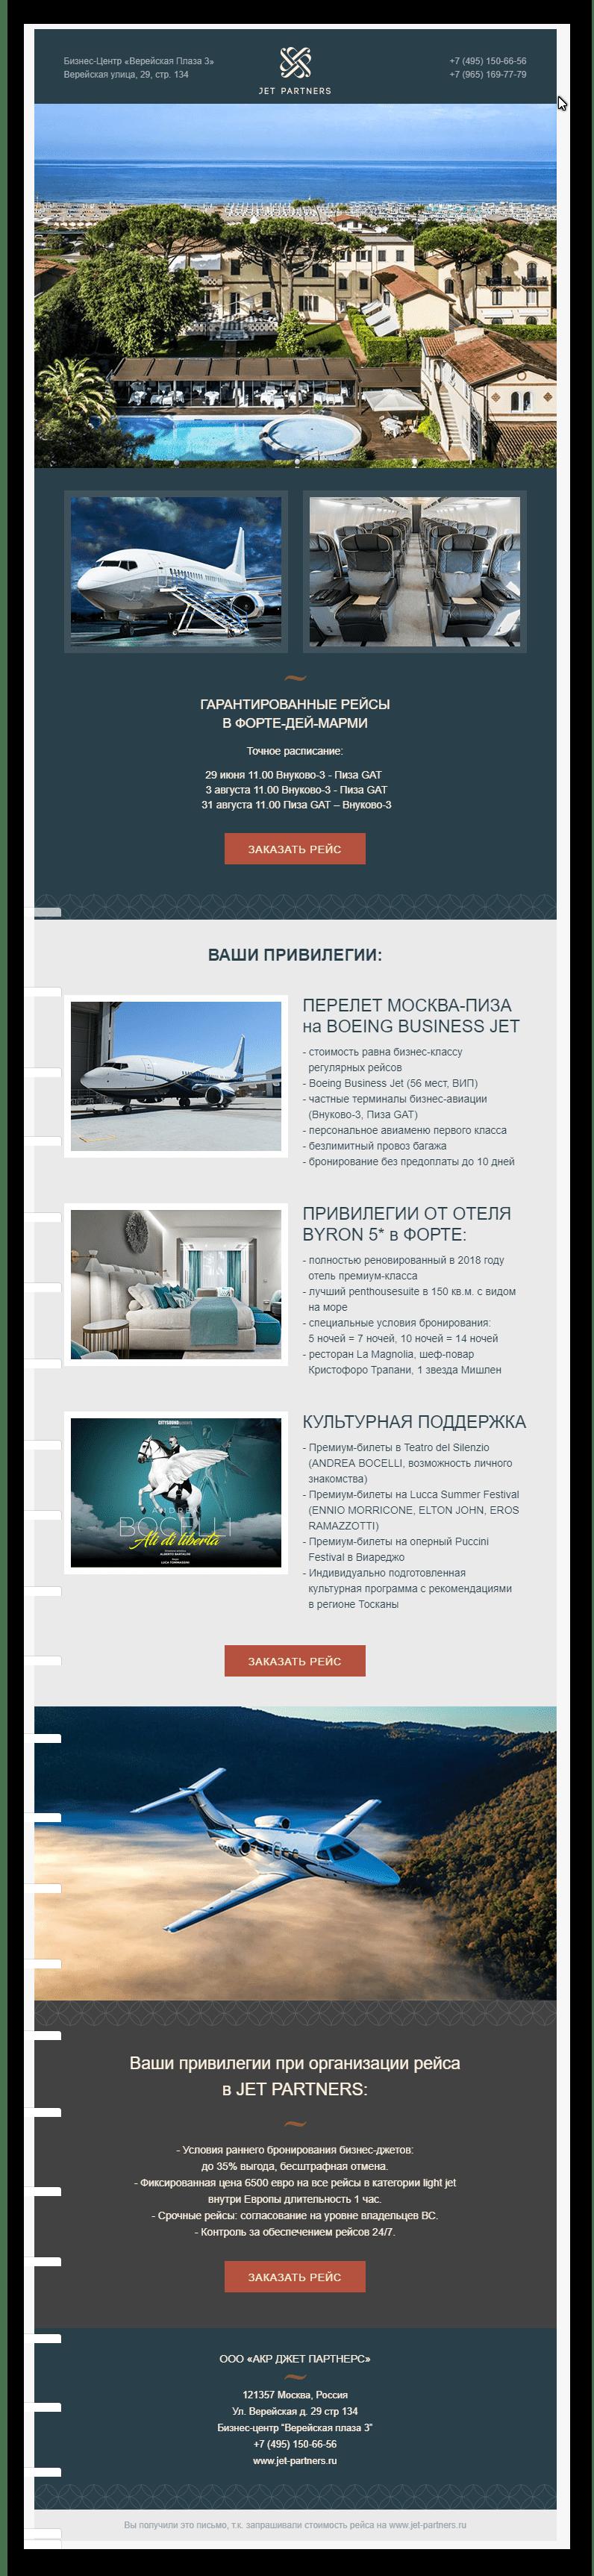 Письмо jet partners